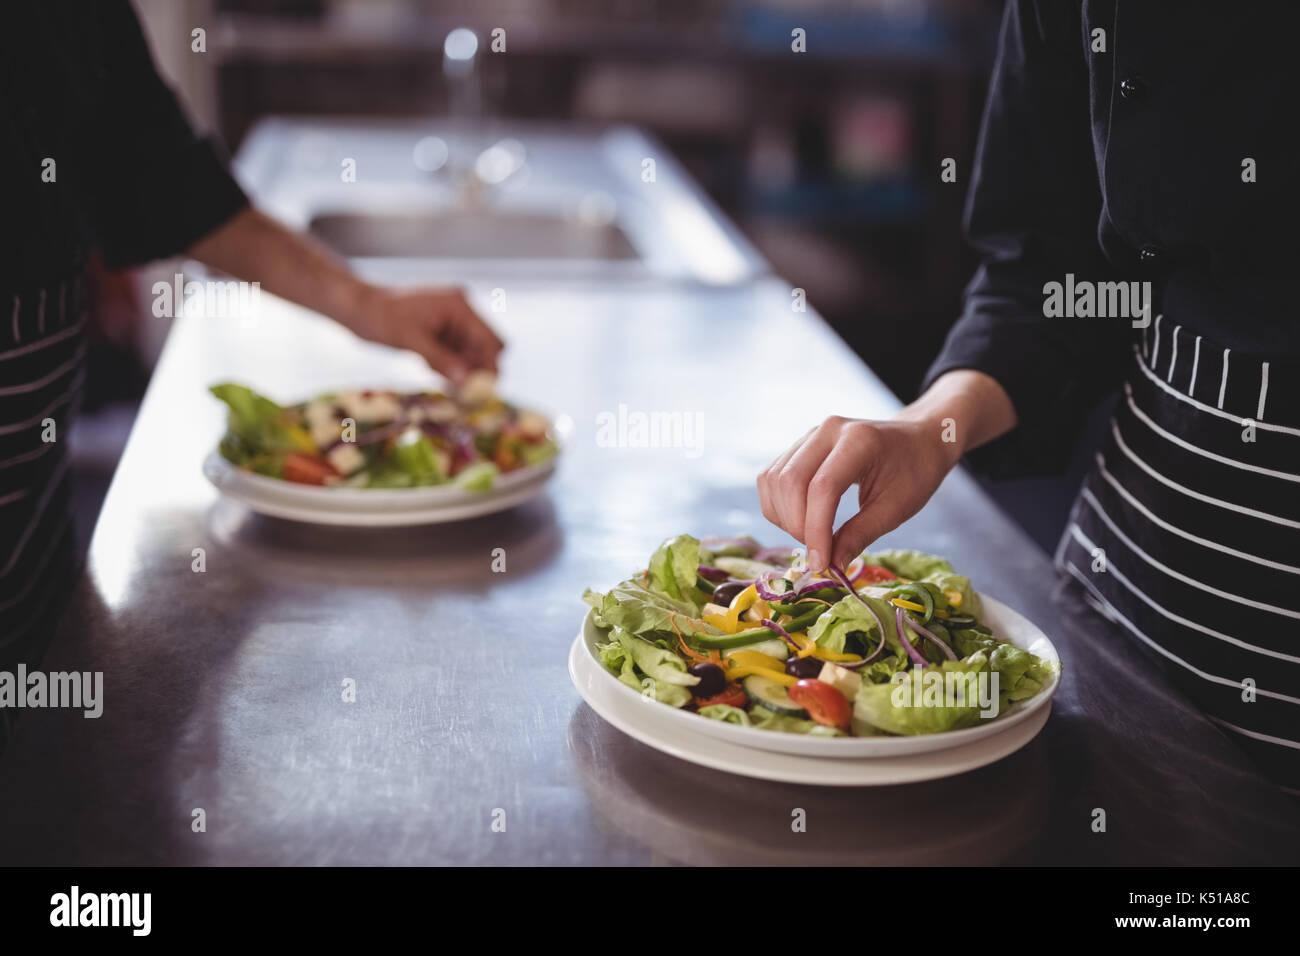 Parte media de camarero y camarera preparando ensalada fresca en el mostrador en la cocina comercial Imagen De Stock